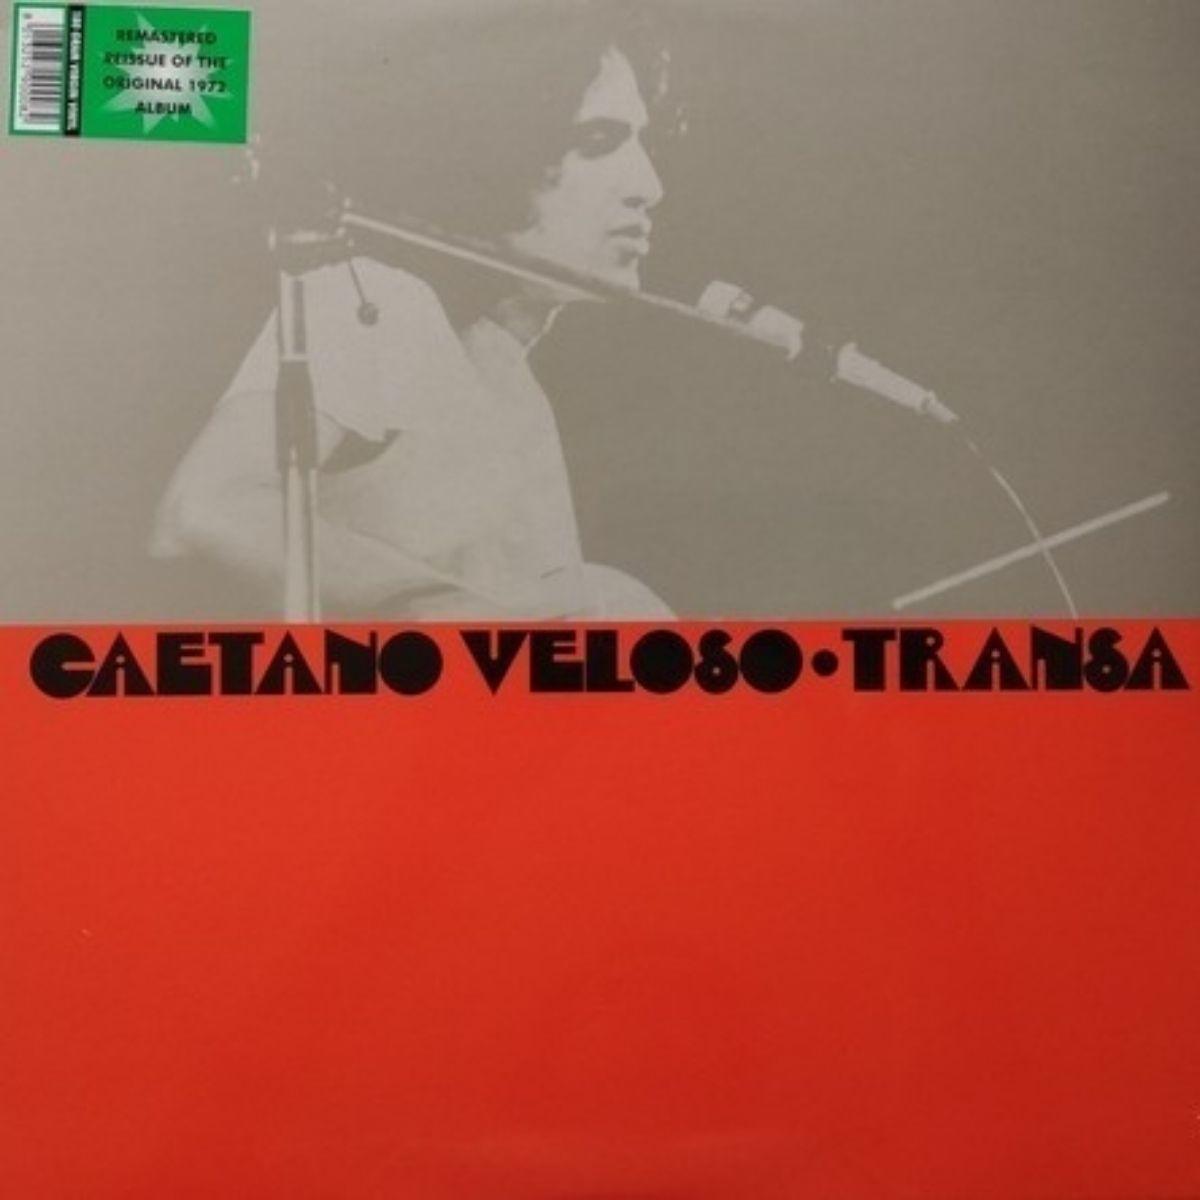 Lp Caetano Veloso Transa Novo Lacrado 180g